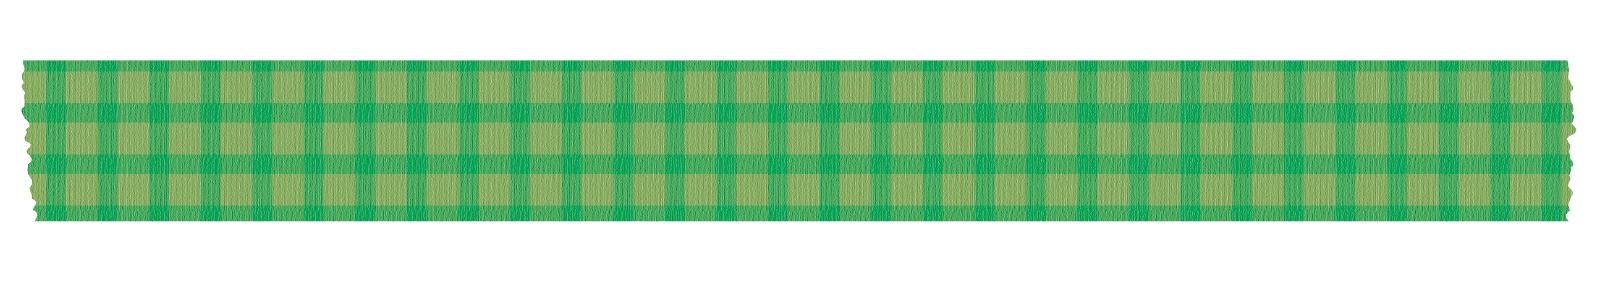 長く切った緑色のチェックのマスキングテープ